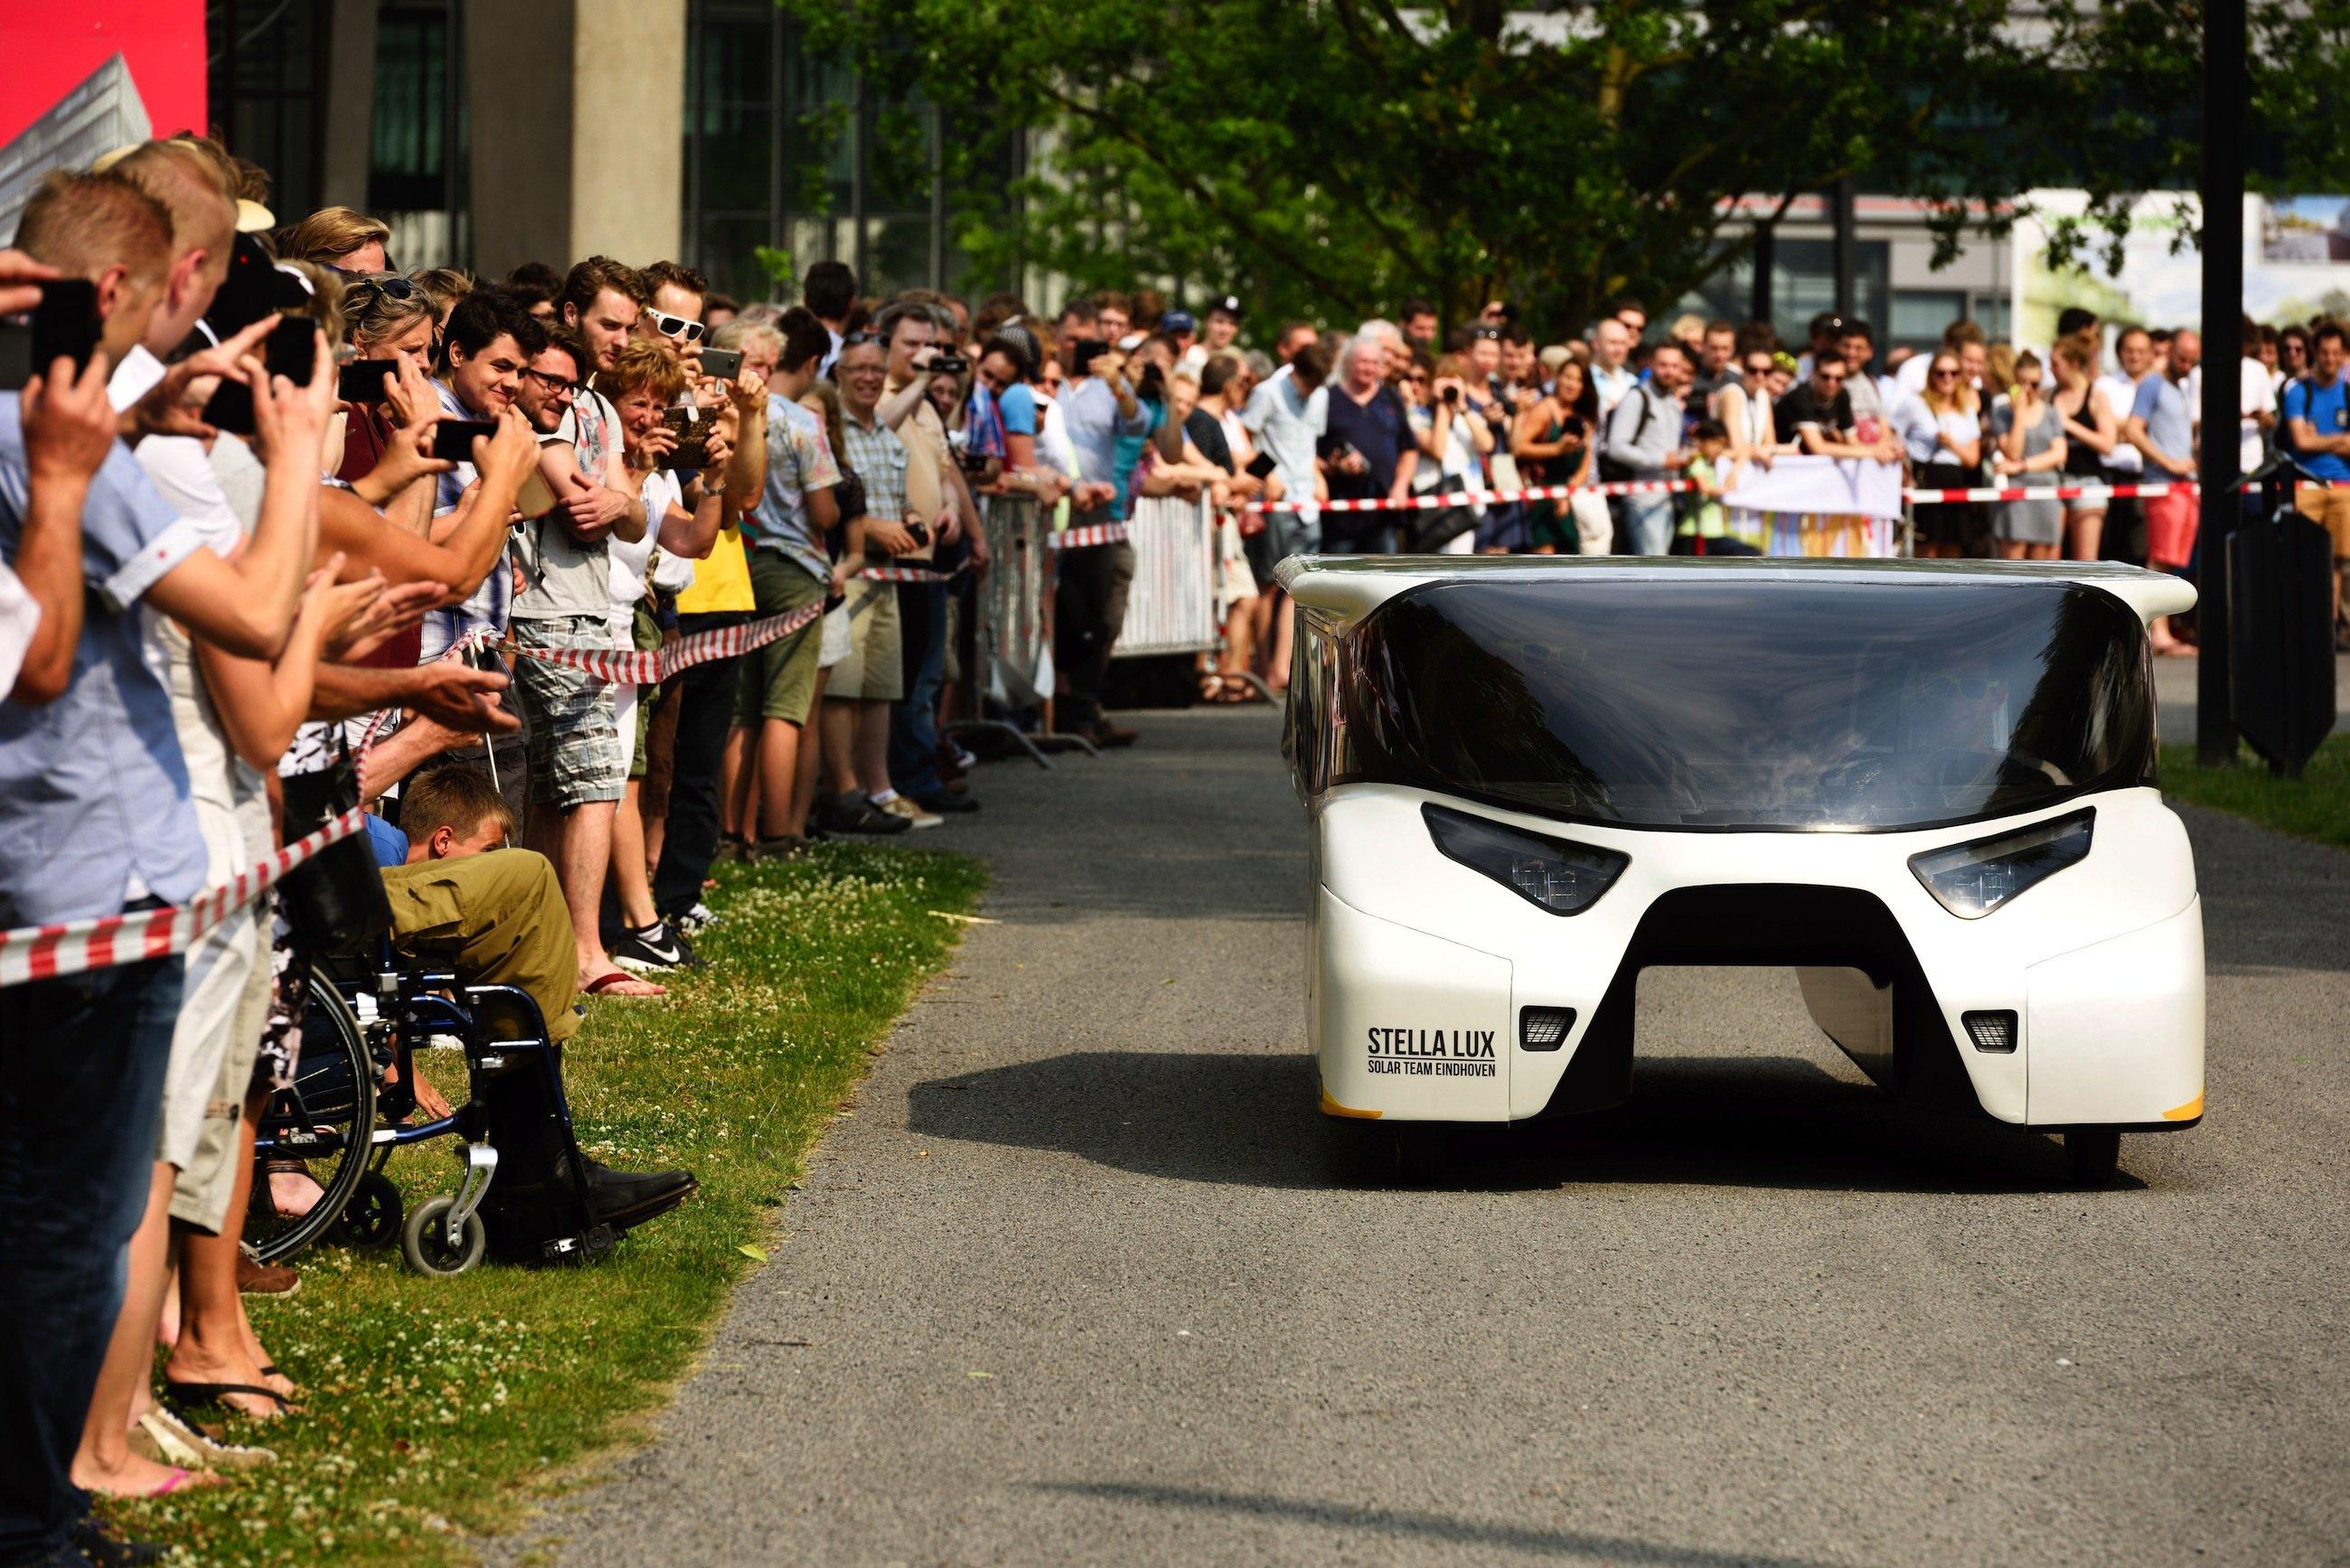 Das Elektroauto Stella Lux bei der Präsentation an der TU Eindhoven:Extrem niedrig und besonders leicht ist das solarbetriebene Auto, in dem vier Personen Platz finden.